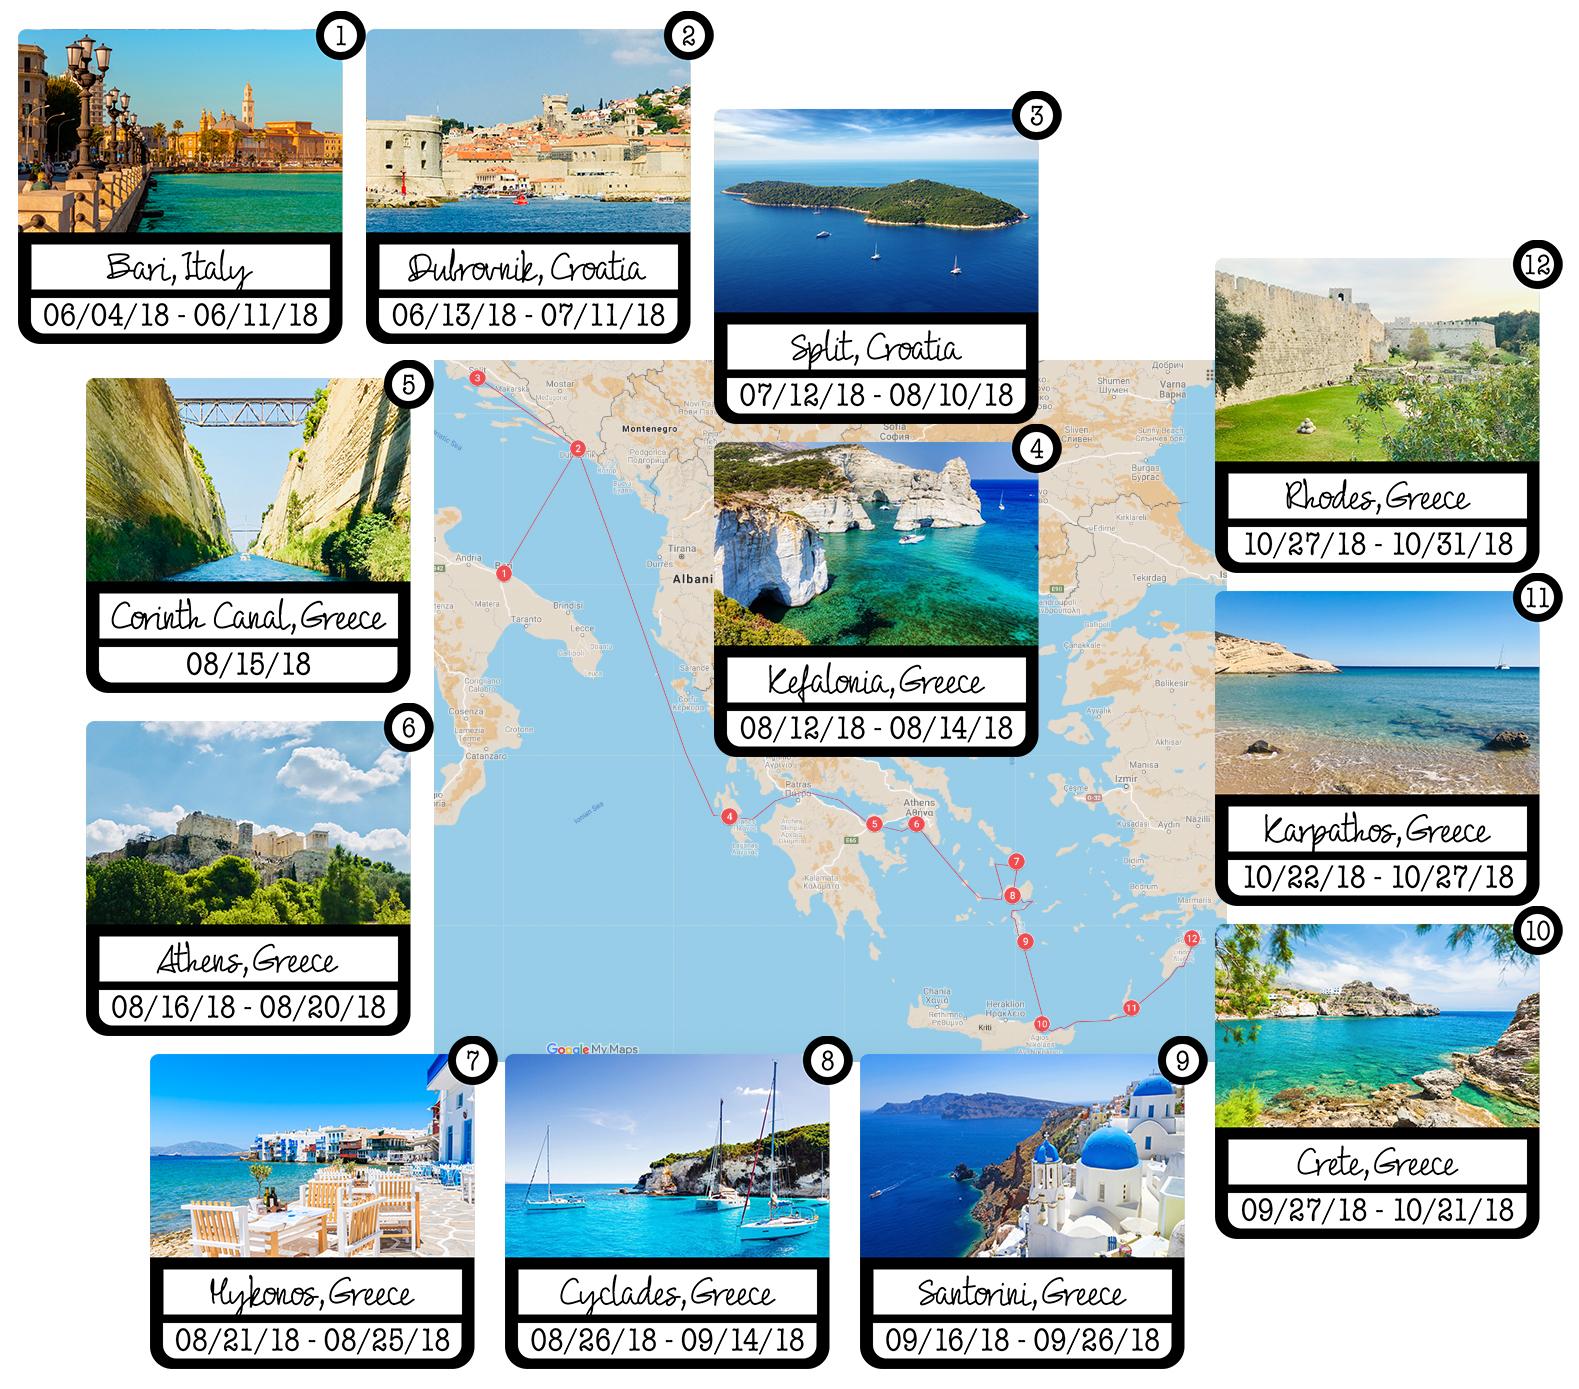 00_map part 3 flat1.jpg